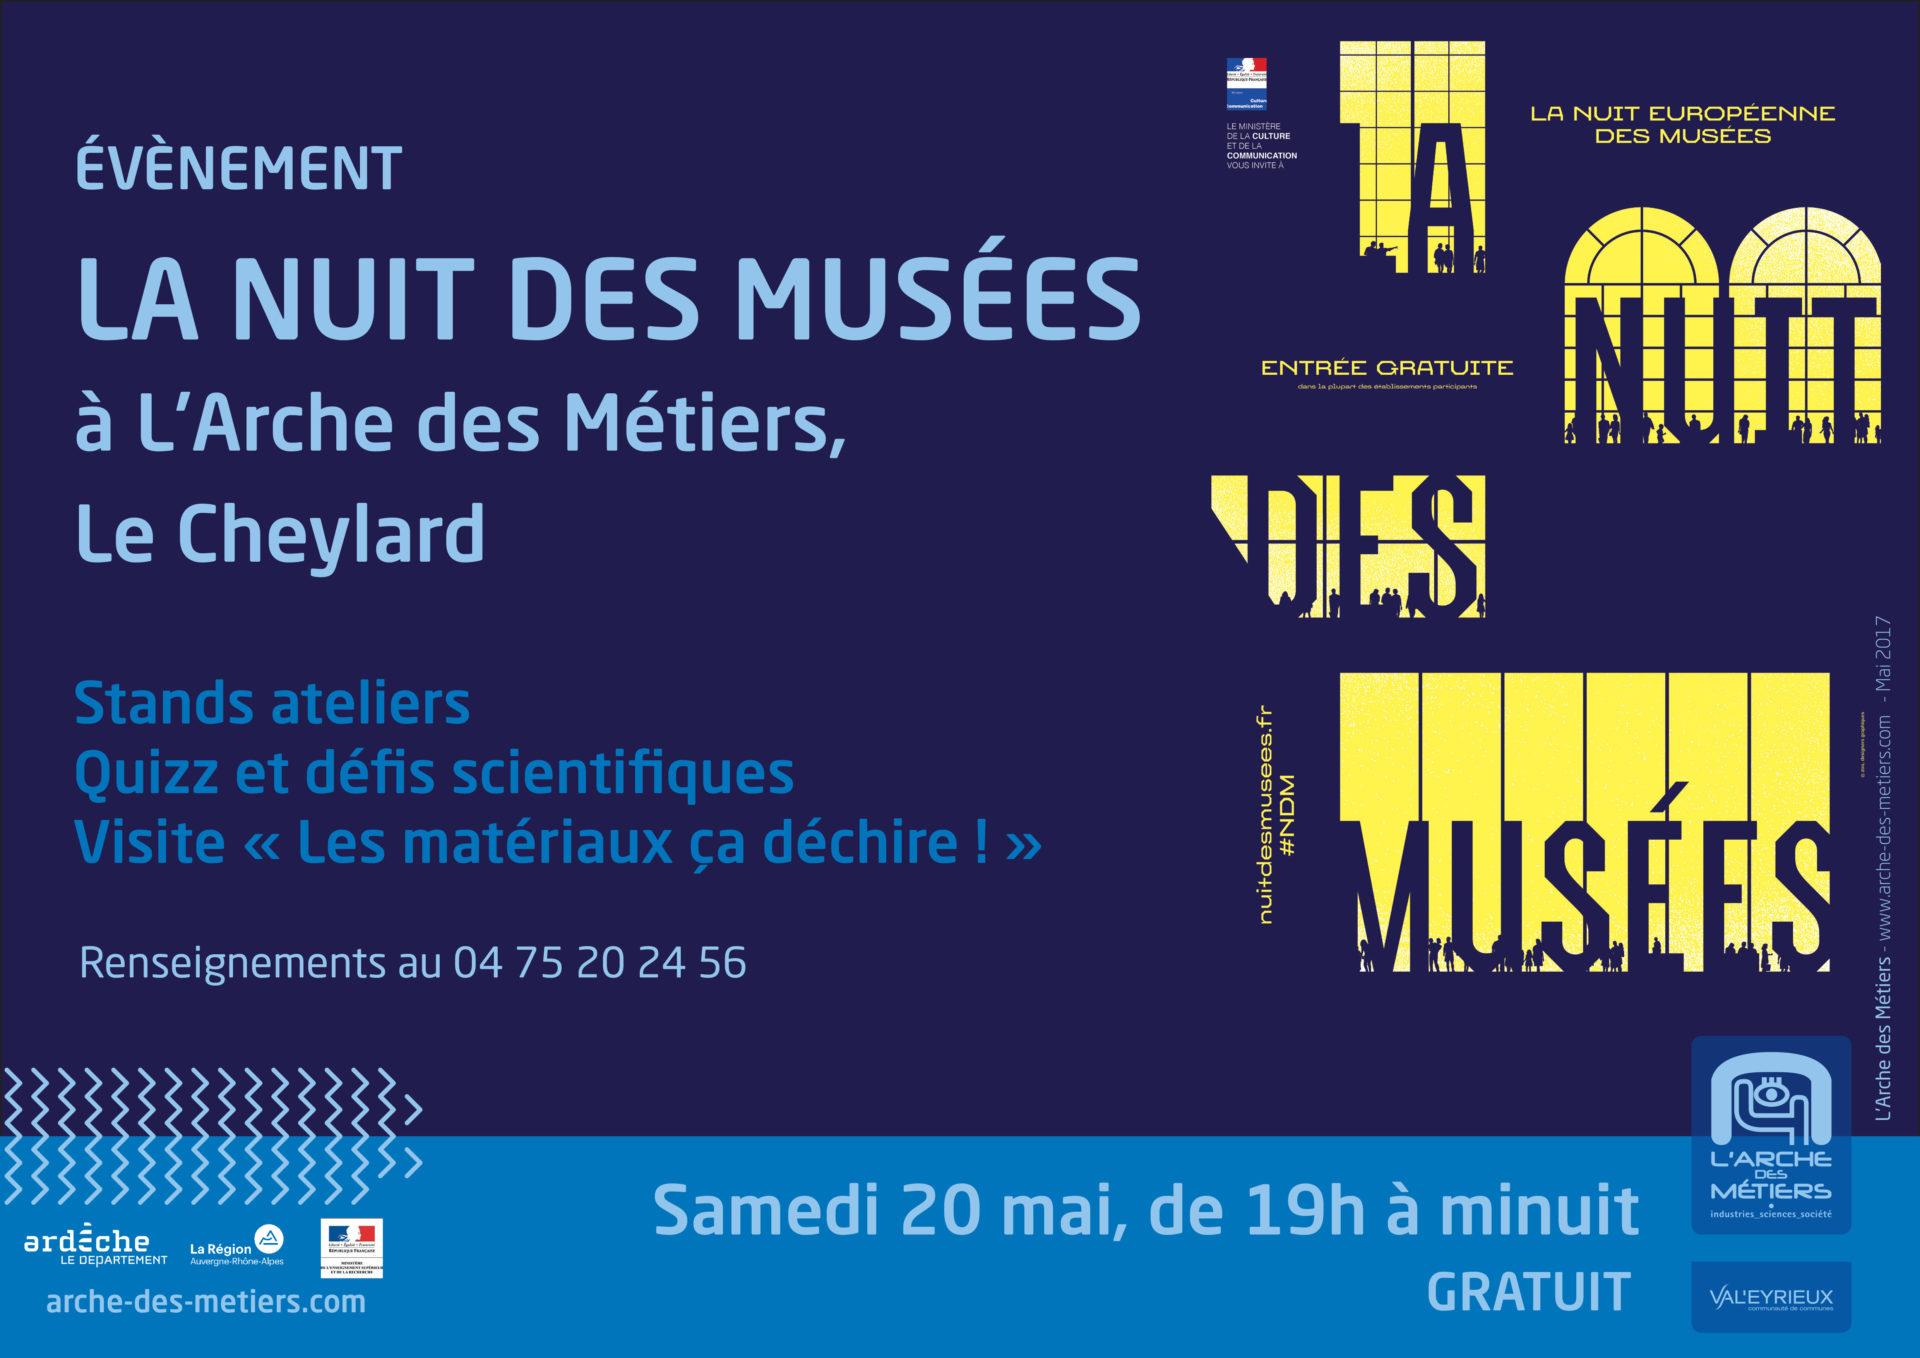 Les matériaux à l'honneur pour la Nuit des Musées